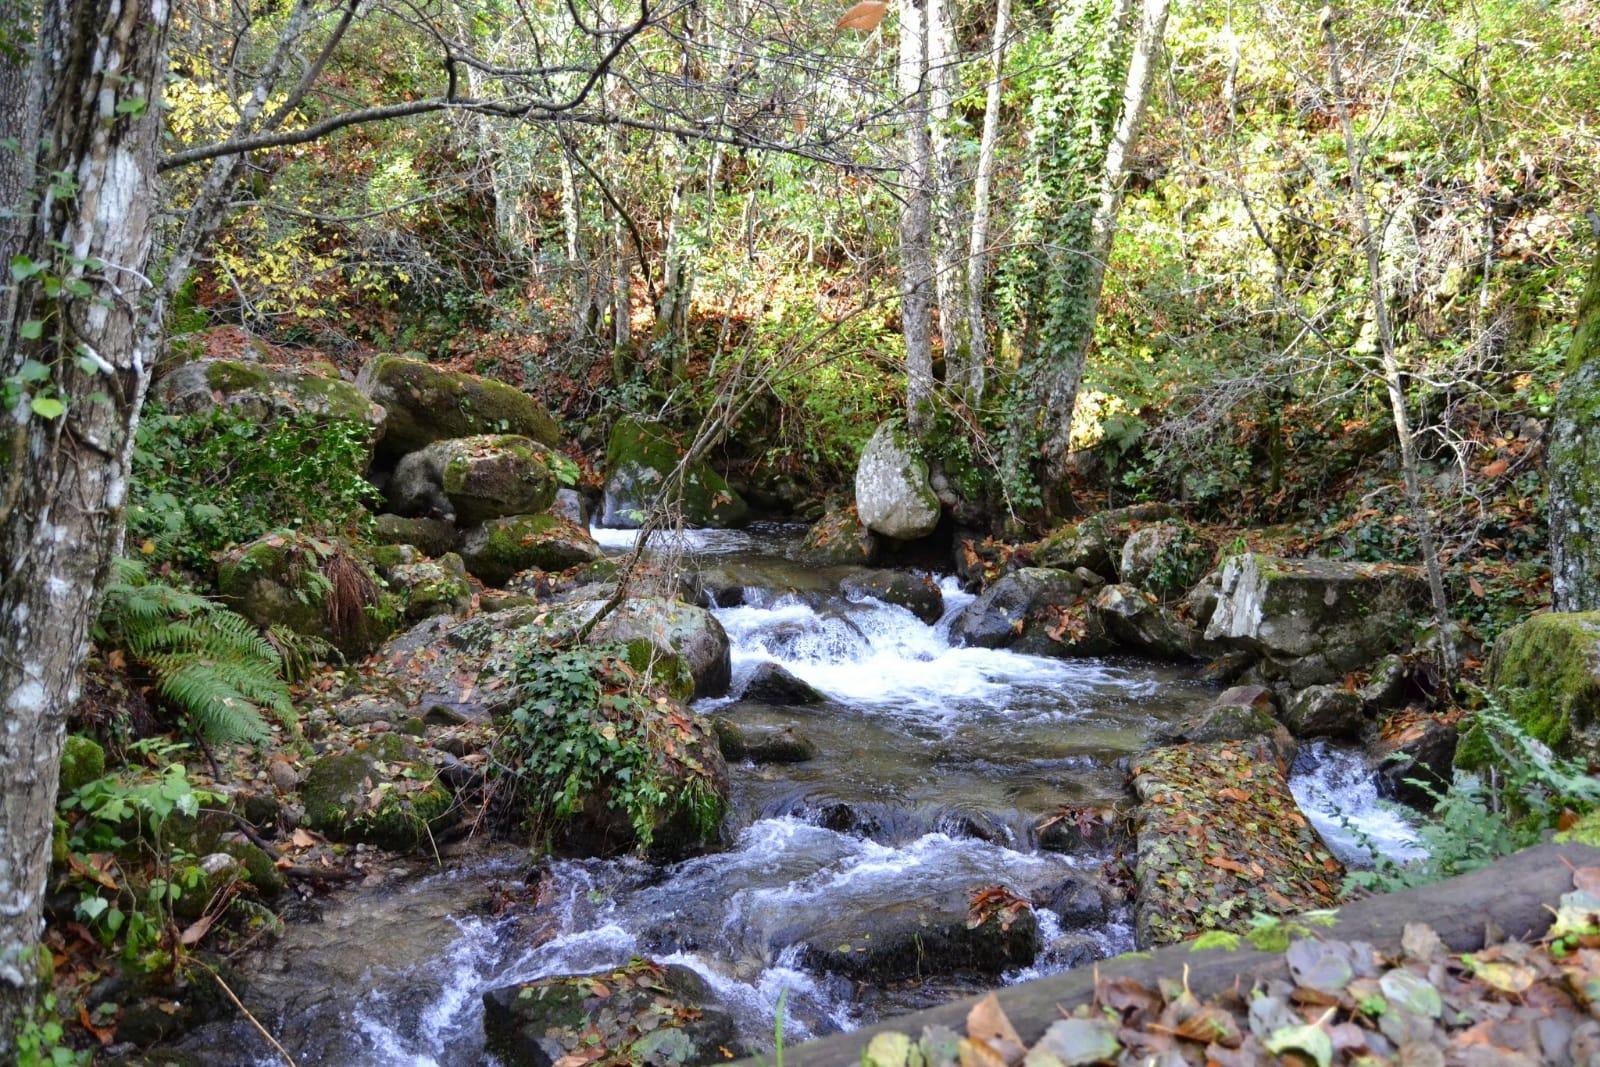 Cauce de un río de montaña. Bohemian en una marca comprometida con la moda sostenible y el medio ambiente